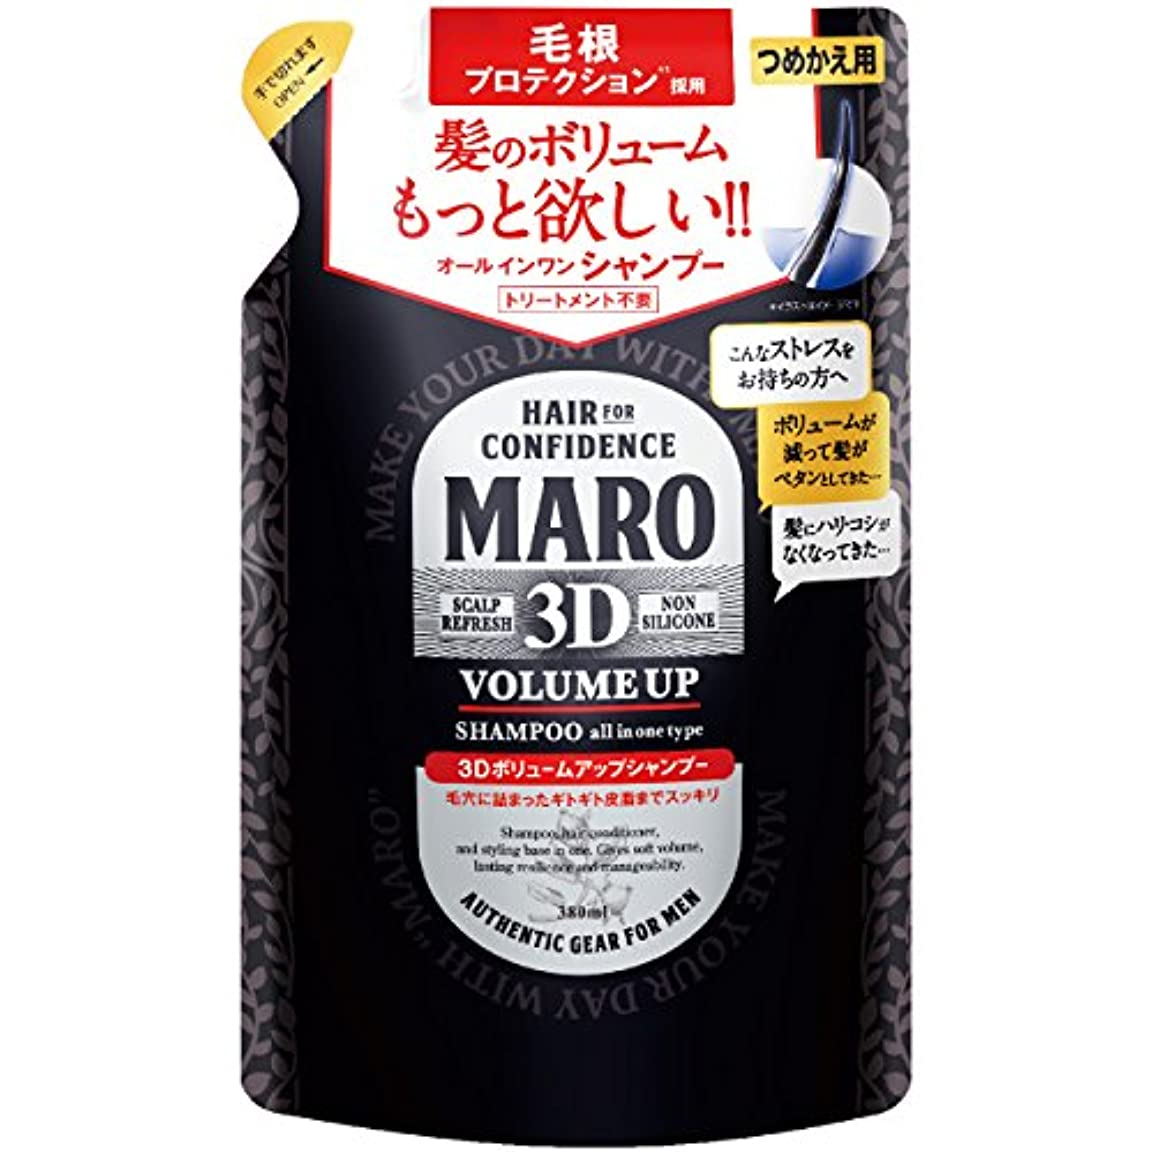 累計亡命化学MARO 3Dボリュームアップ シャンプー EX 詰め替え 380ml